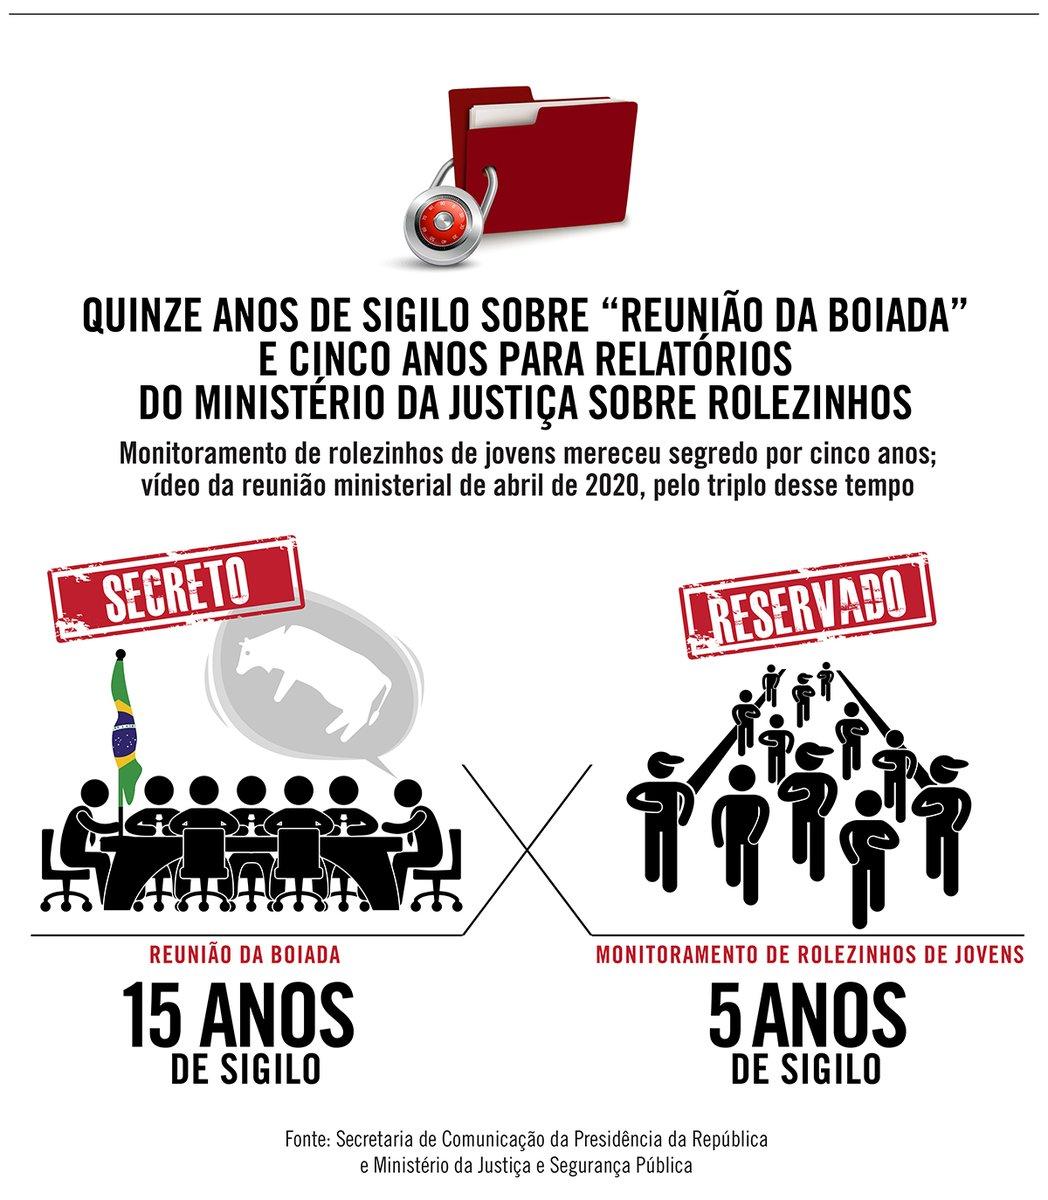 """O governo decretou sigilo de quinze anos sobre o vídeo da famosa reunião ministerial de abril de 2020, na qual Ricardo Salles disse que era hora de """"ir passando a boiada"""". É o triplo do tempo usado para manter sigilosos relatórios sobre """"rolezinhos"""". https://t.co/m7XvATvJ4p https://t.co/0wqUdQhnPu"""